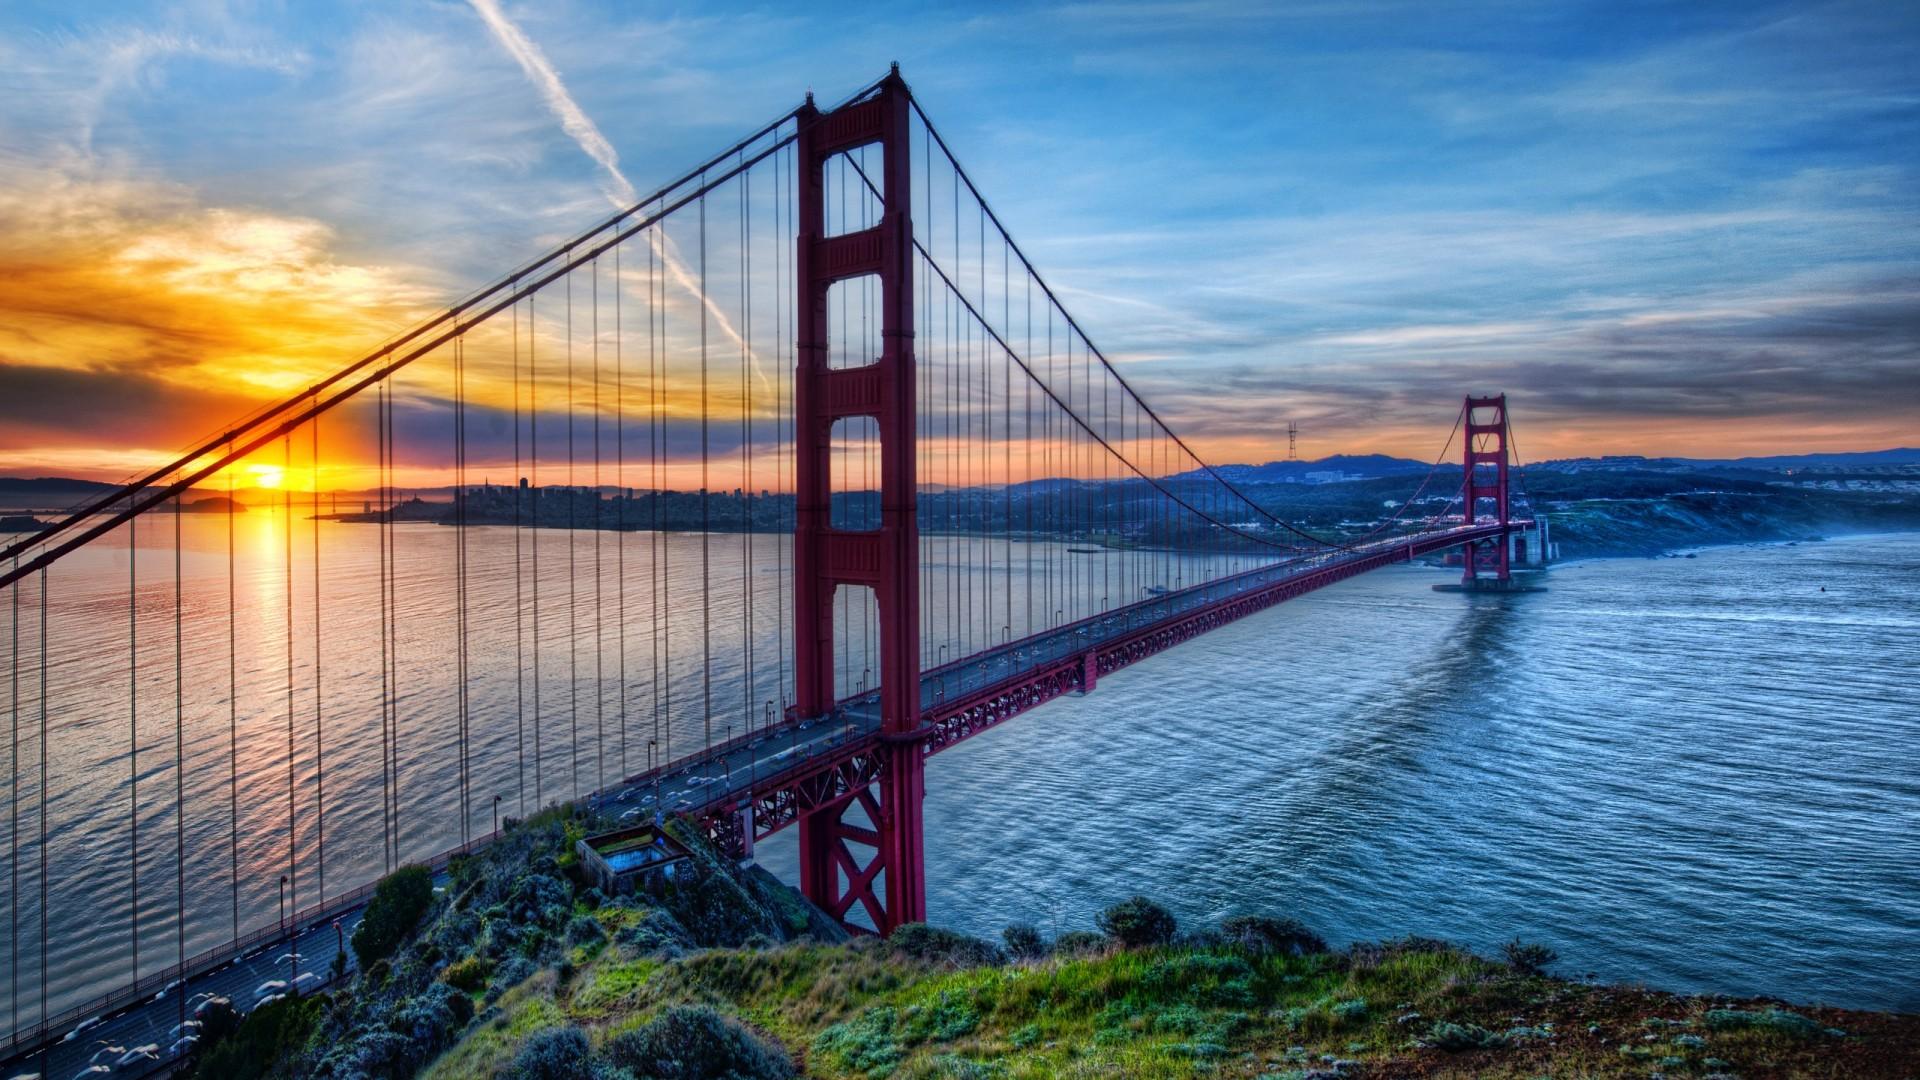 Golden Gate Bridge #15